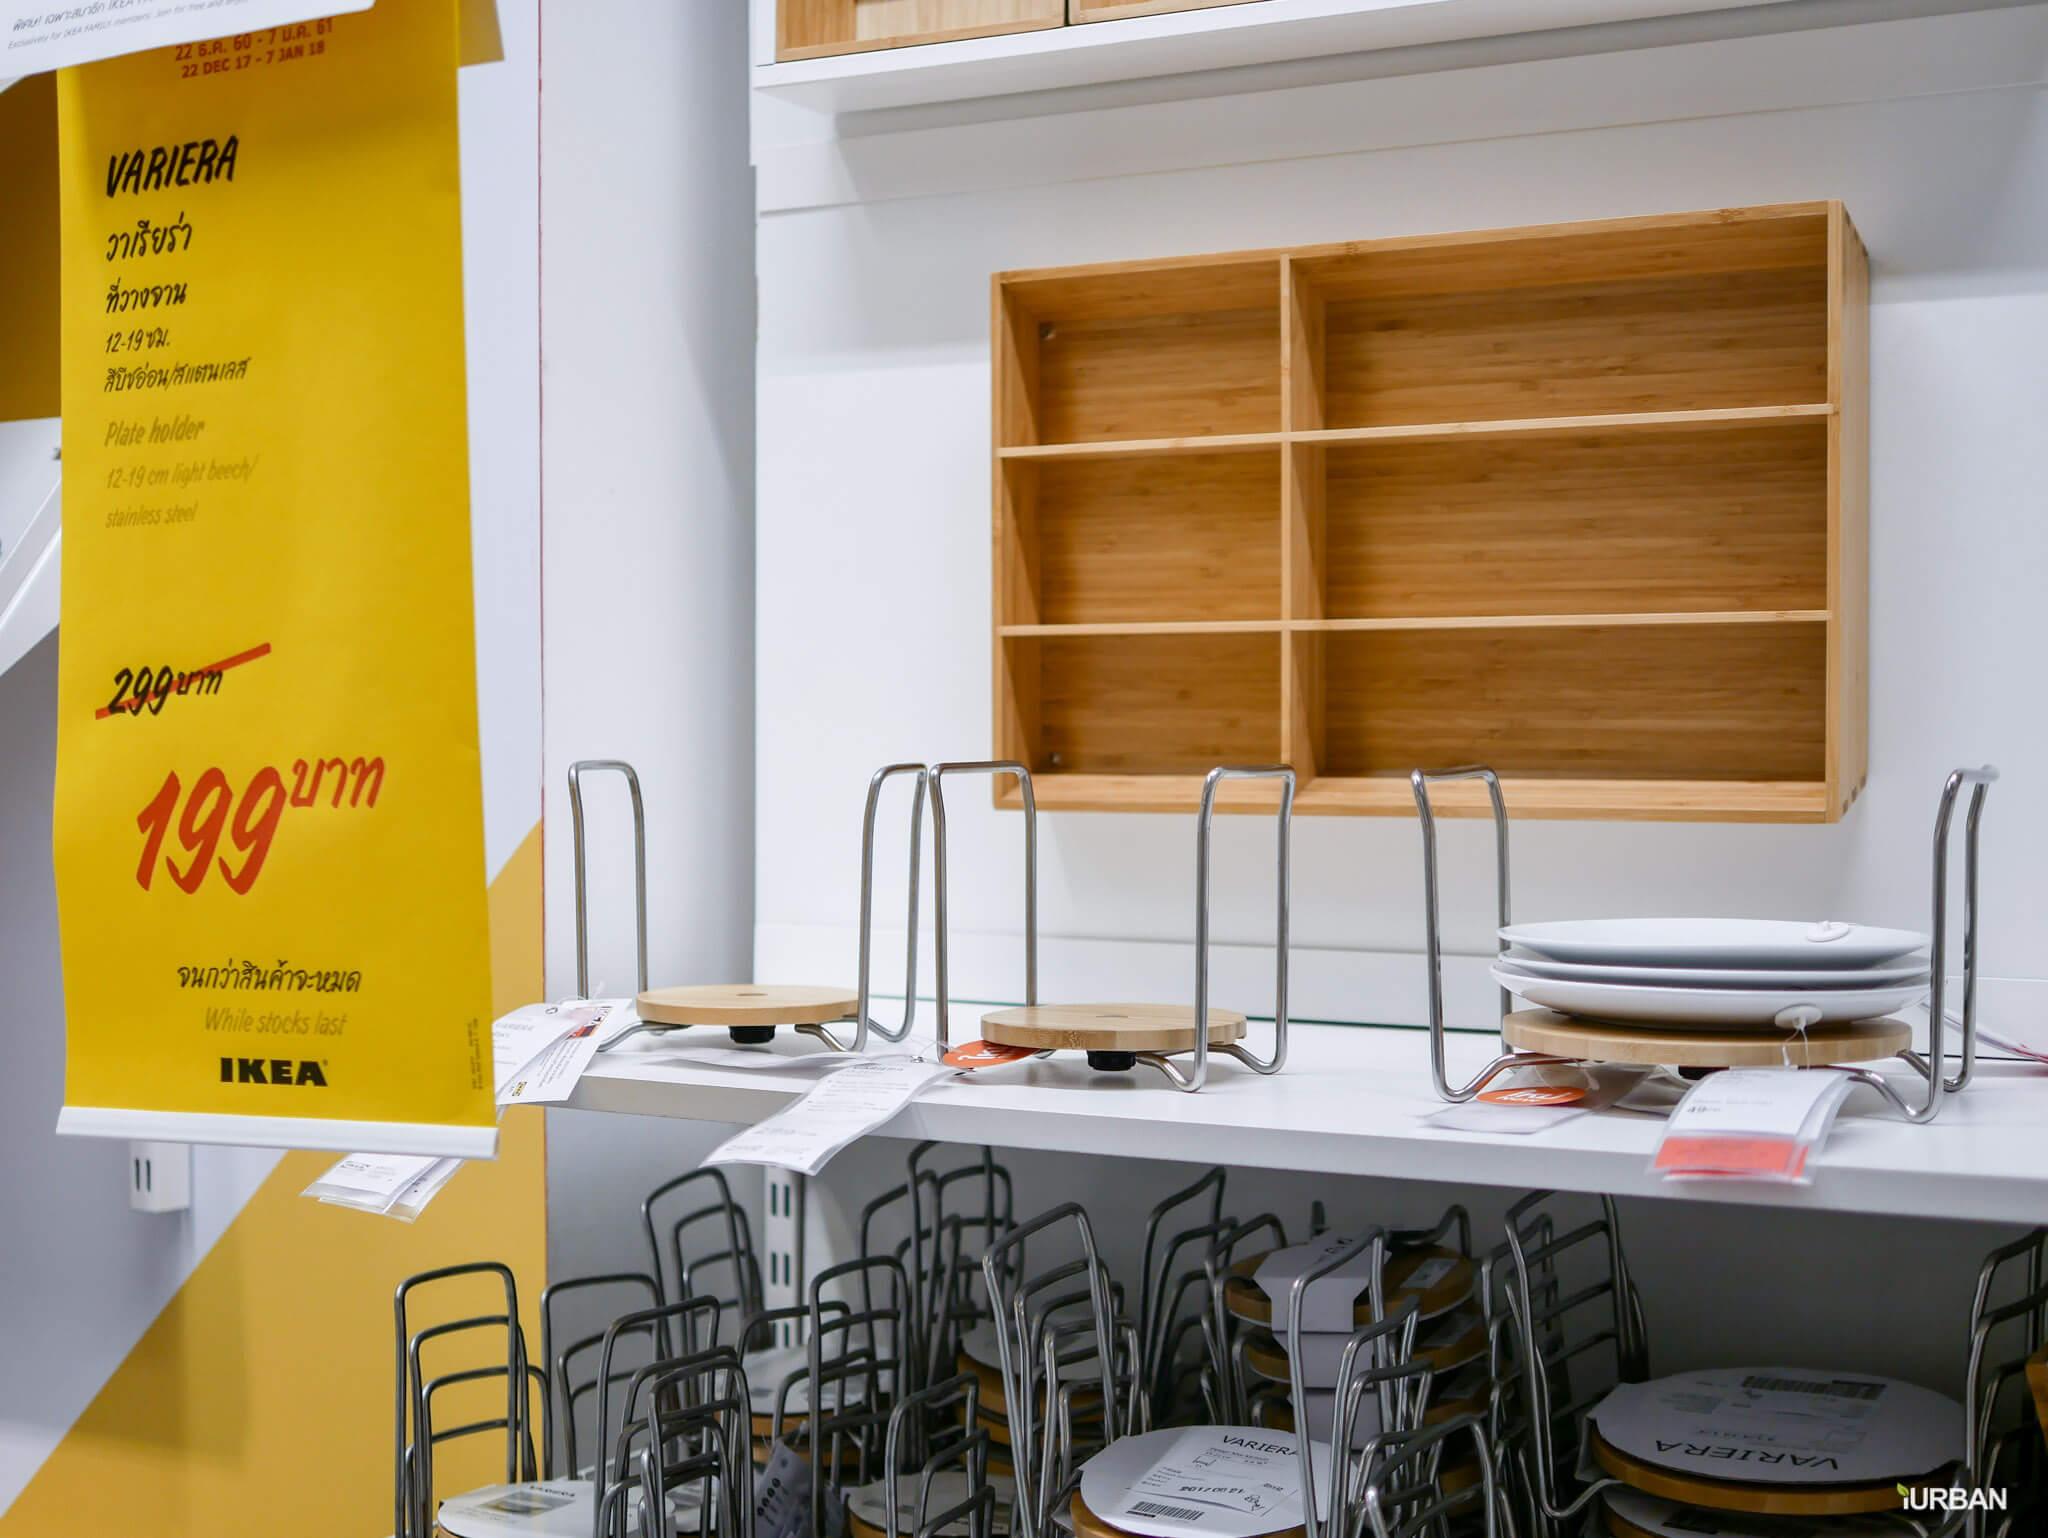 มันเยอะมากกกก!! IKEA Year End SALE 2017 รวมของเซลในอิเกีย ลดเยอะ ลดแหลก รีบพุ่งตัวไป วันนี้ - 7 มกราคม 61 59 - IKEA (อิเกีย)